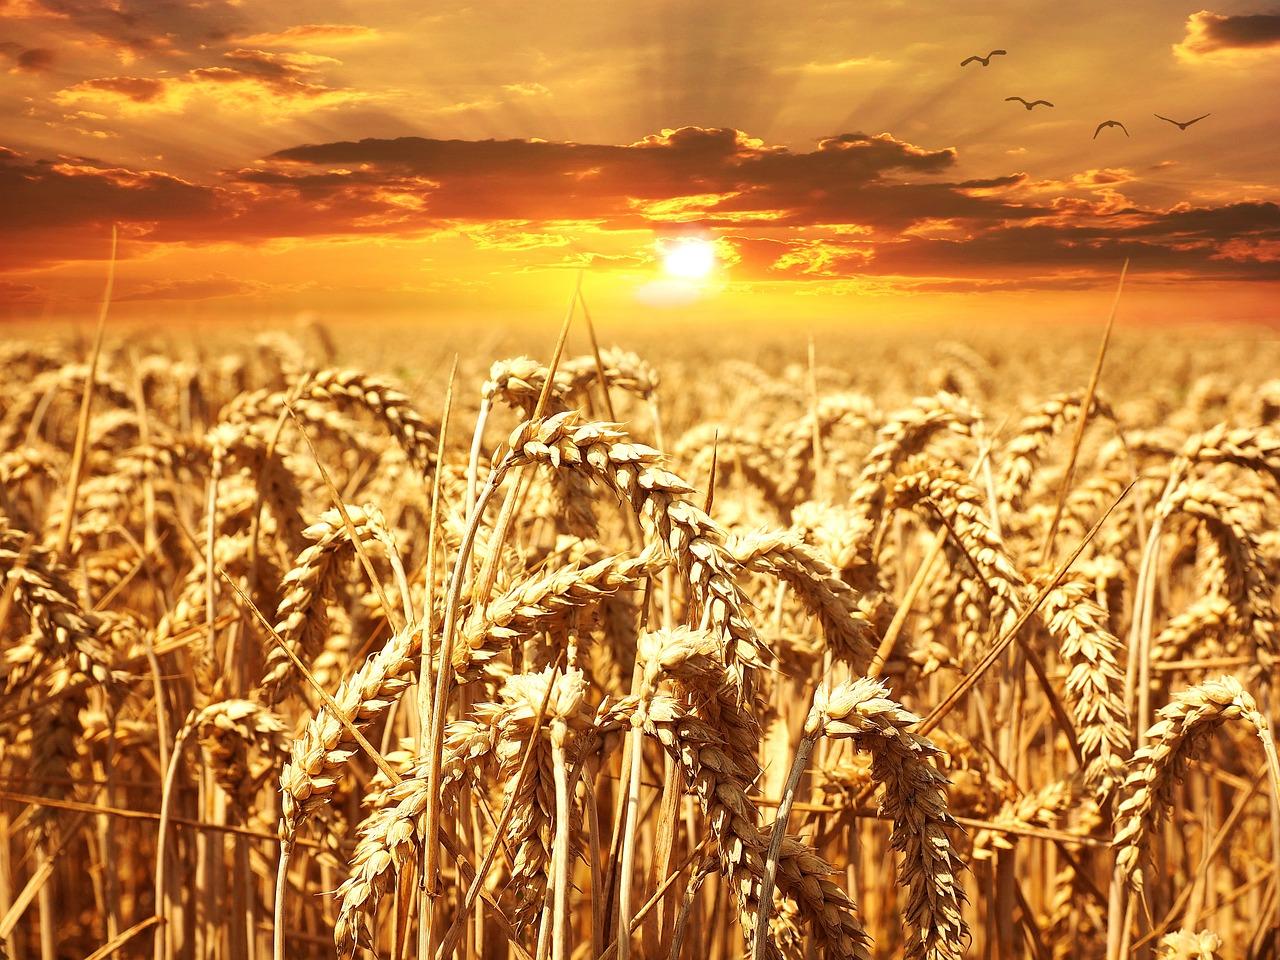 انخفاض حاد بإنتاج القمح والحكومة مجبرة على الاستيراد